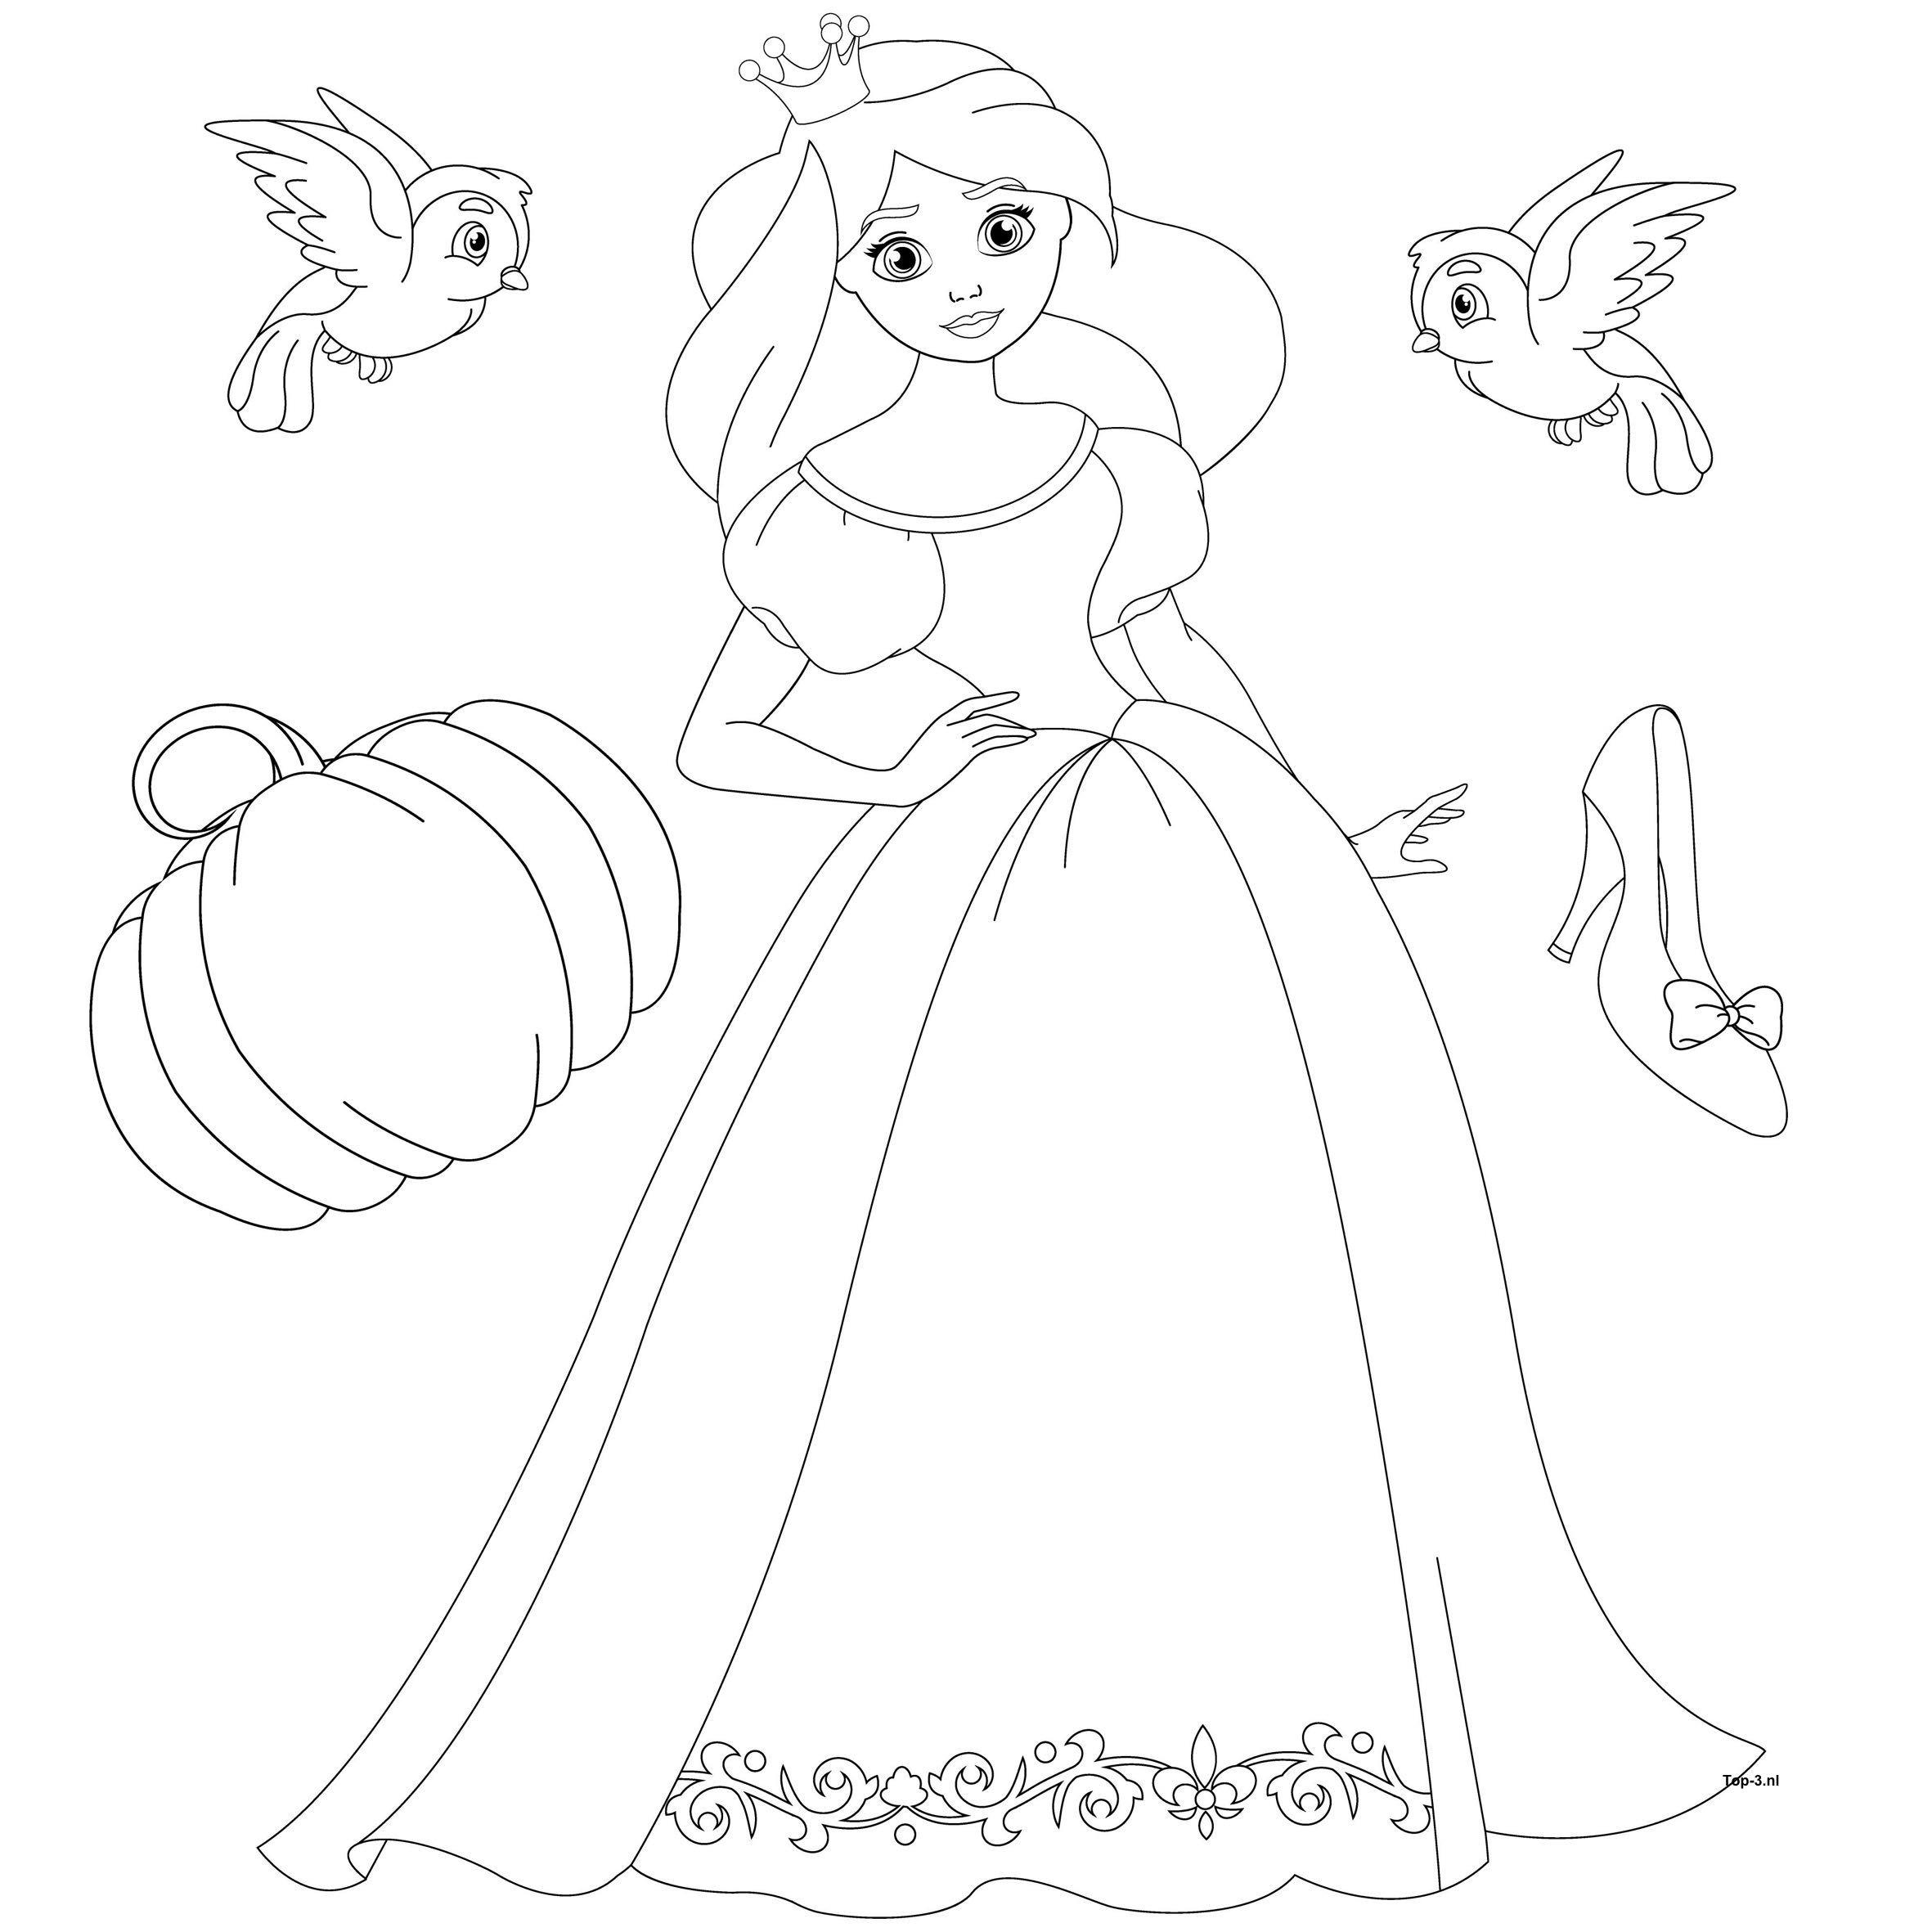 Kleurplaten Prinses Sprookjes Zeemeermin Top 3 Kado En Feesttips Boek Bladzijden Kleuren Sprookjes Kleurboek